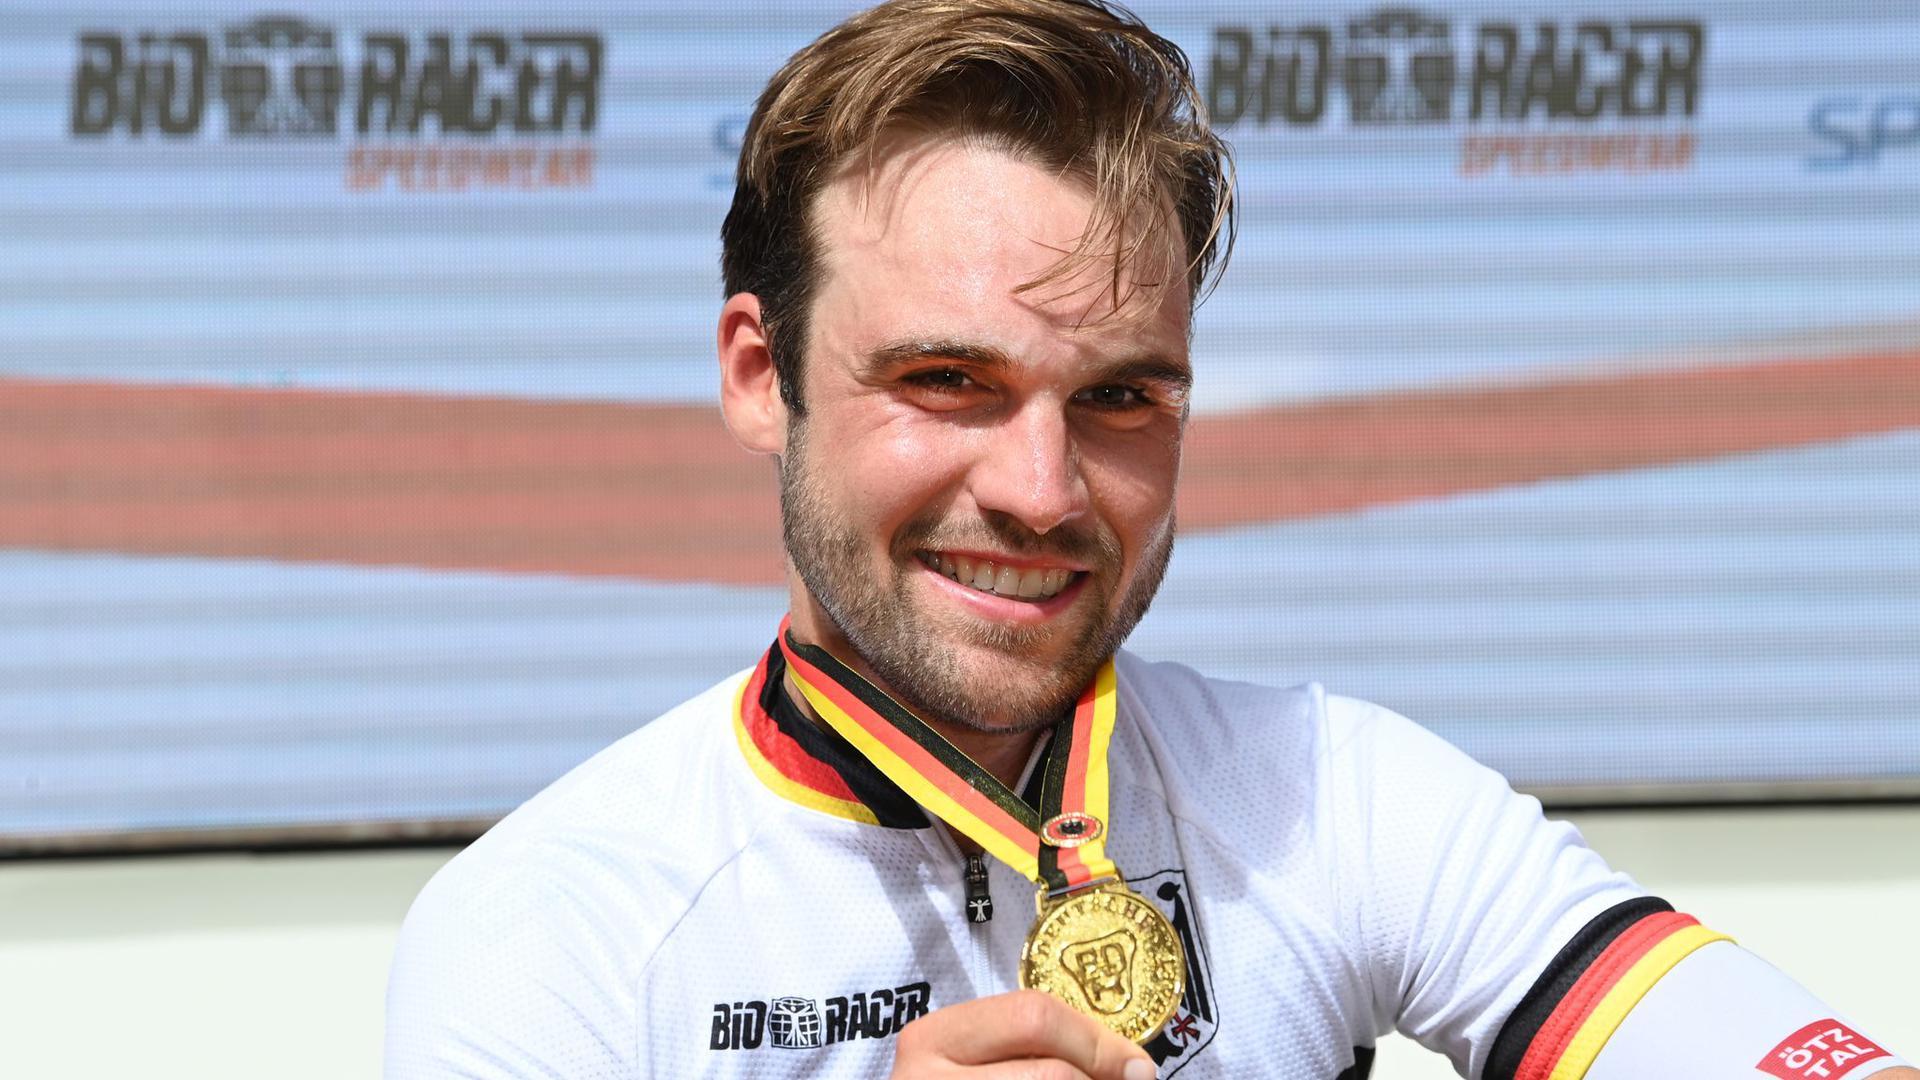 Deutscher Meister: Maximilian Schachmann hofft bei den Spielen in Tokio auf seine Medaillenchance.